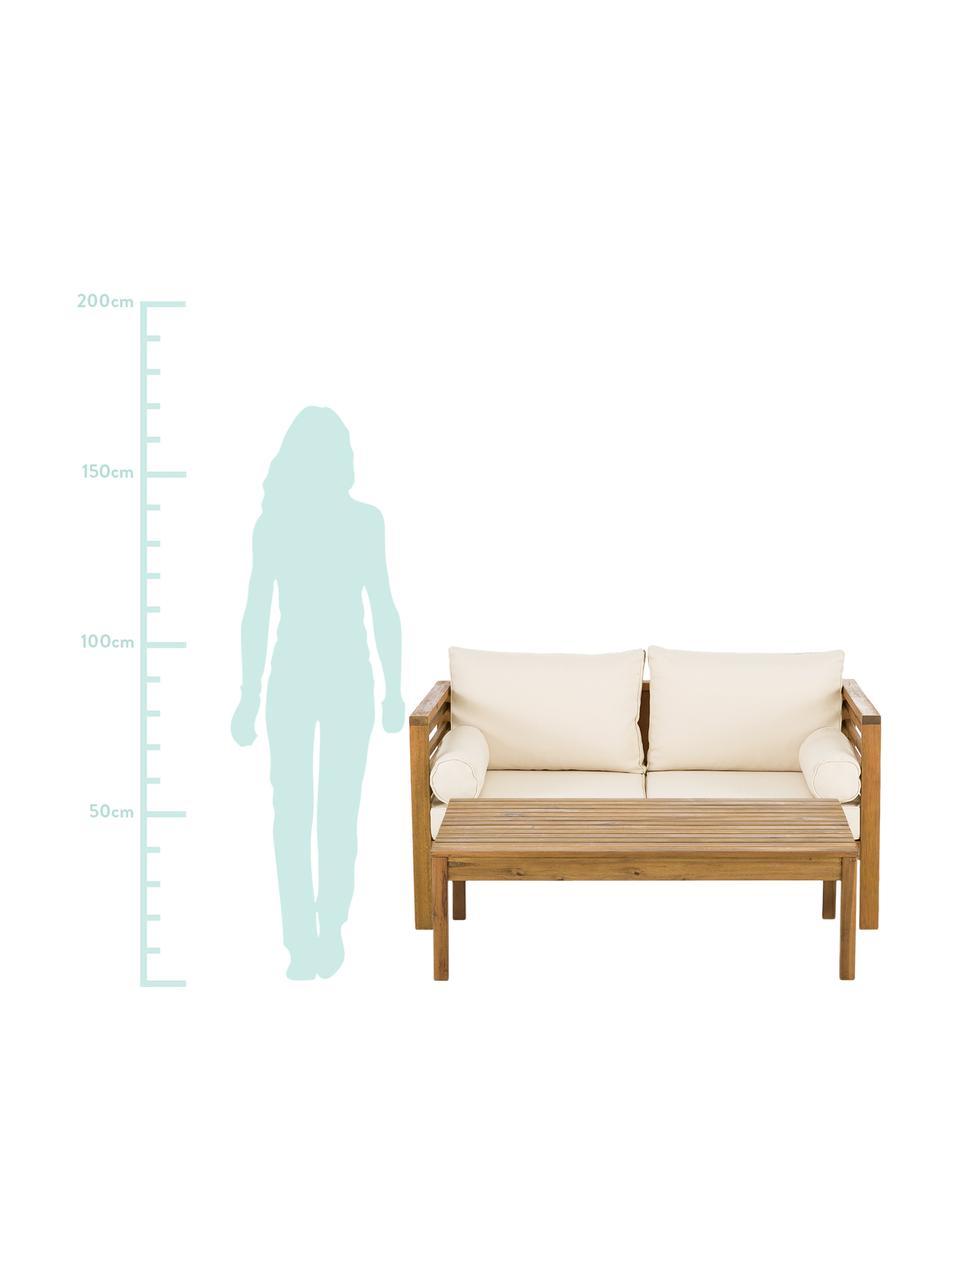 Salotto da giardino Bo 4 pz, Rivestimento: poliestere (resistente ai, Rivestimento: beige Struttura: legno d'acacia, Set in varie misure